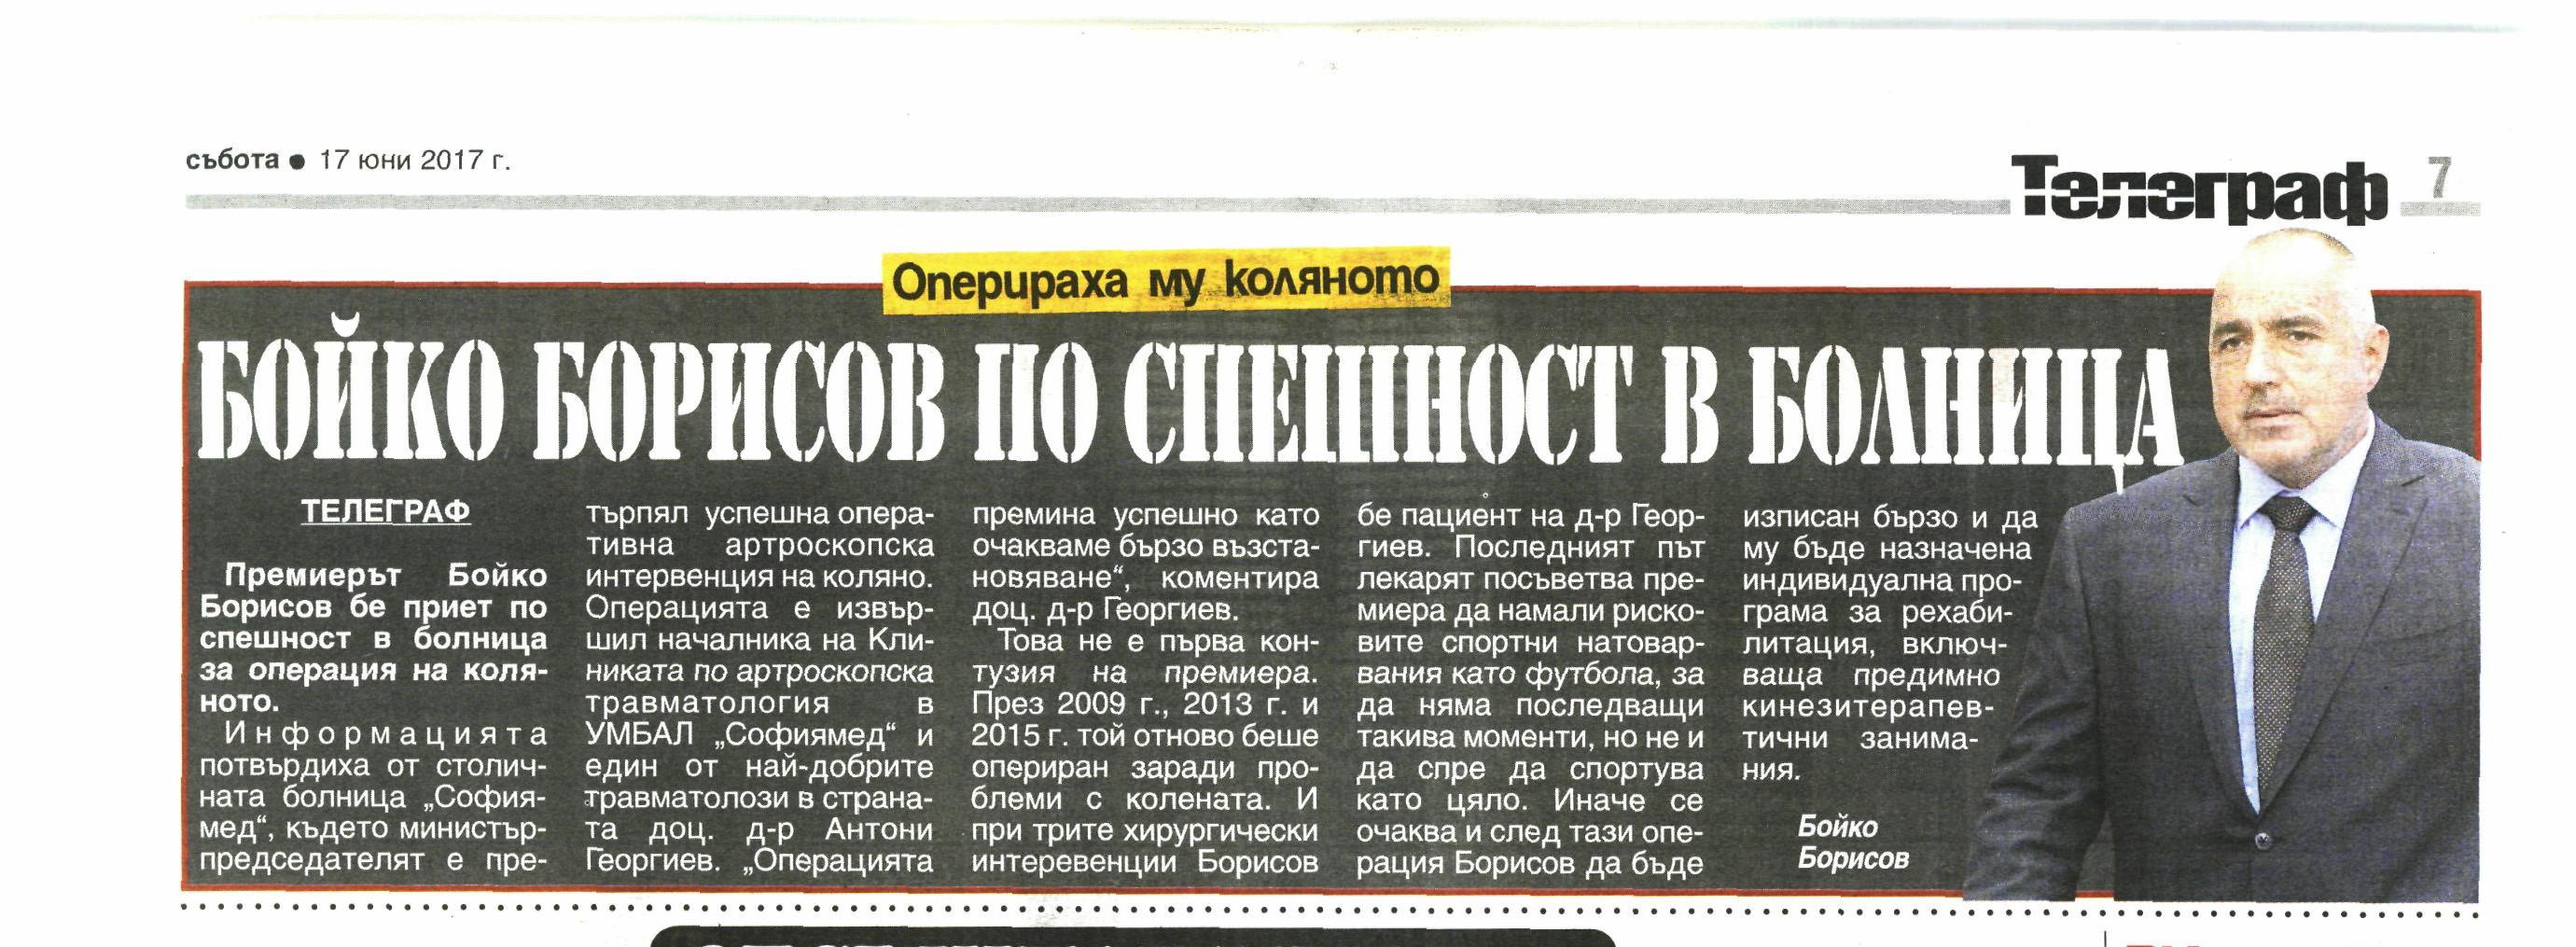 Бойко Борисов по спешност в болница